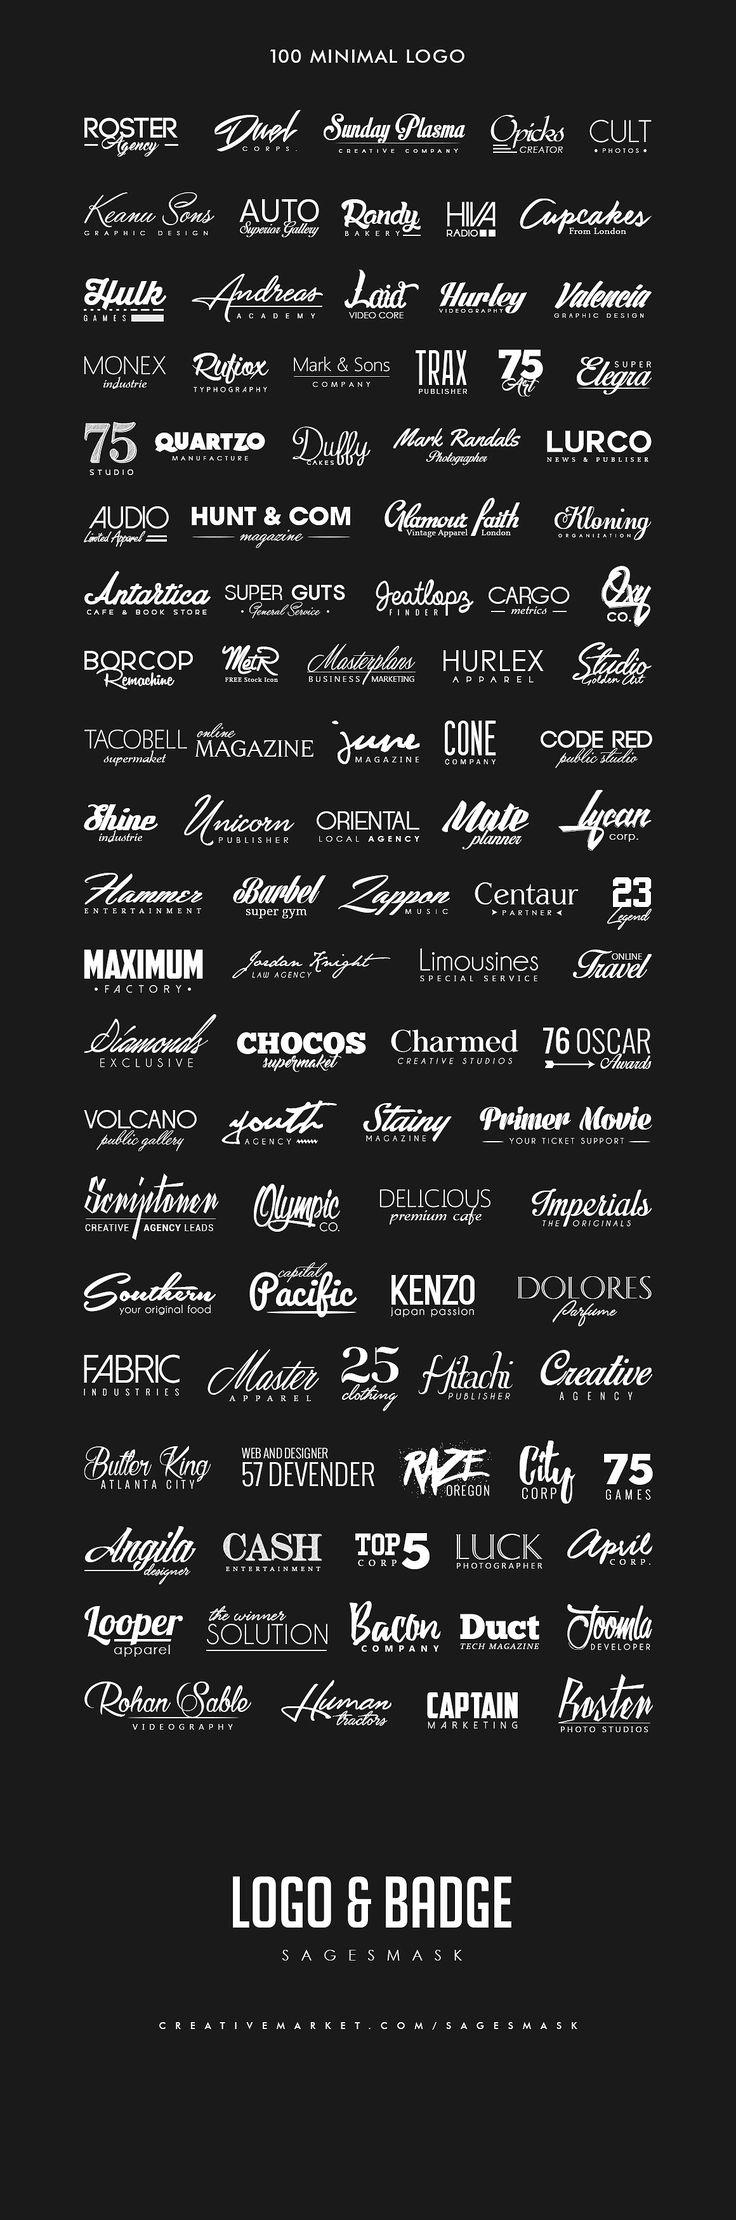 Minimal Logo by sagesmask. Download here --> https://crmrkt.com/15jjq